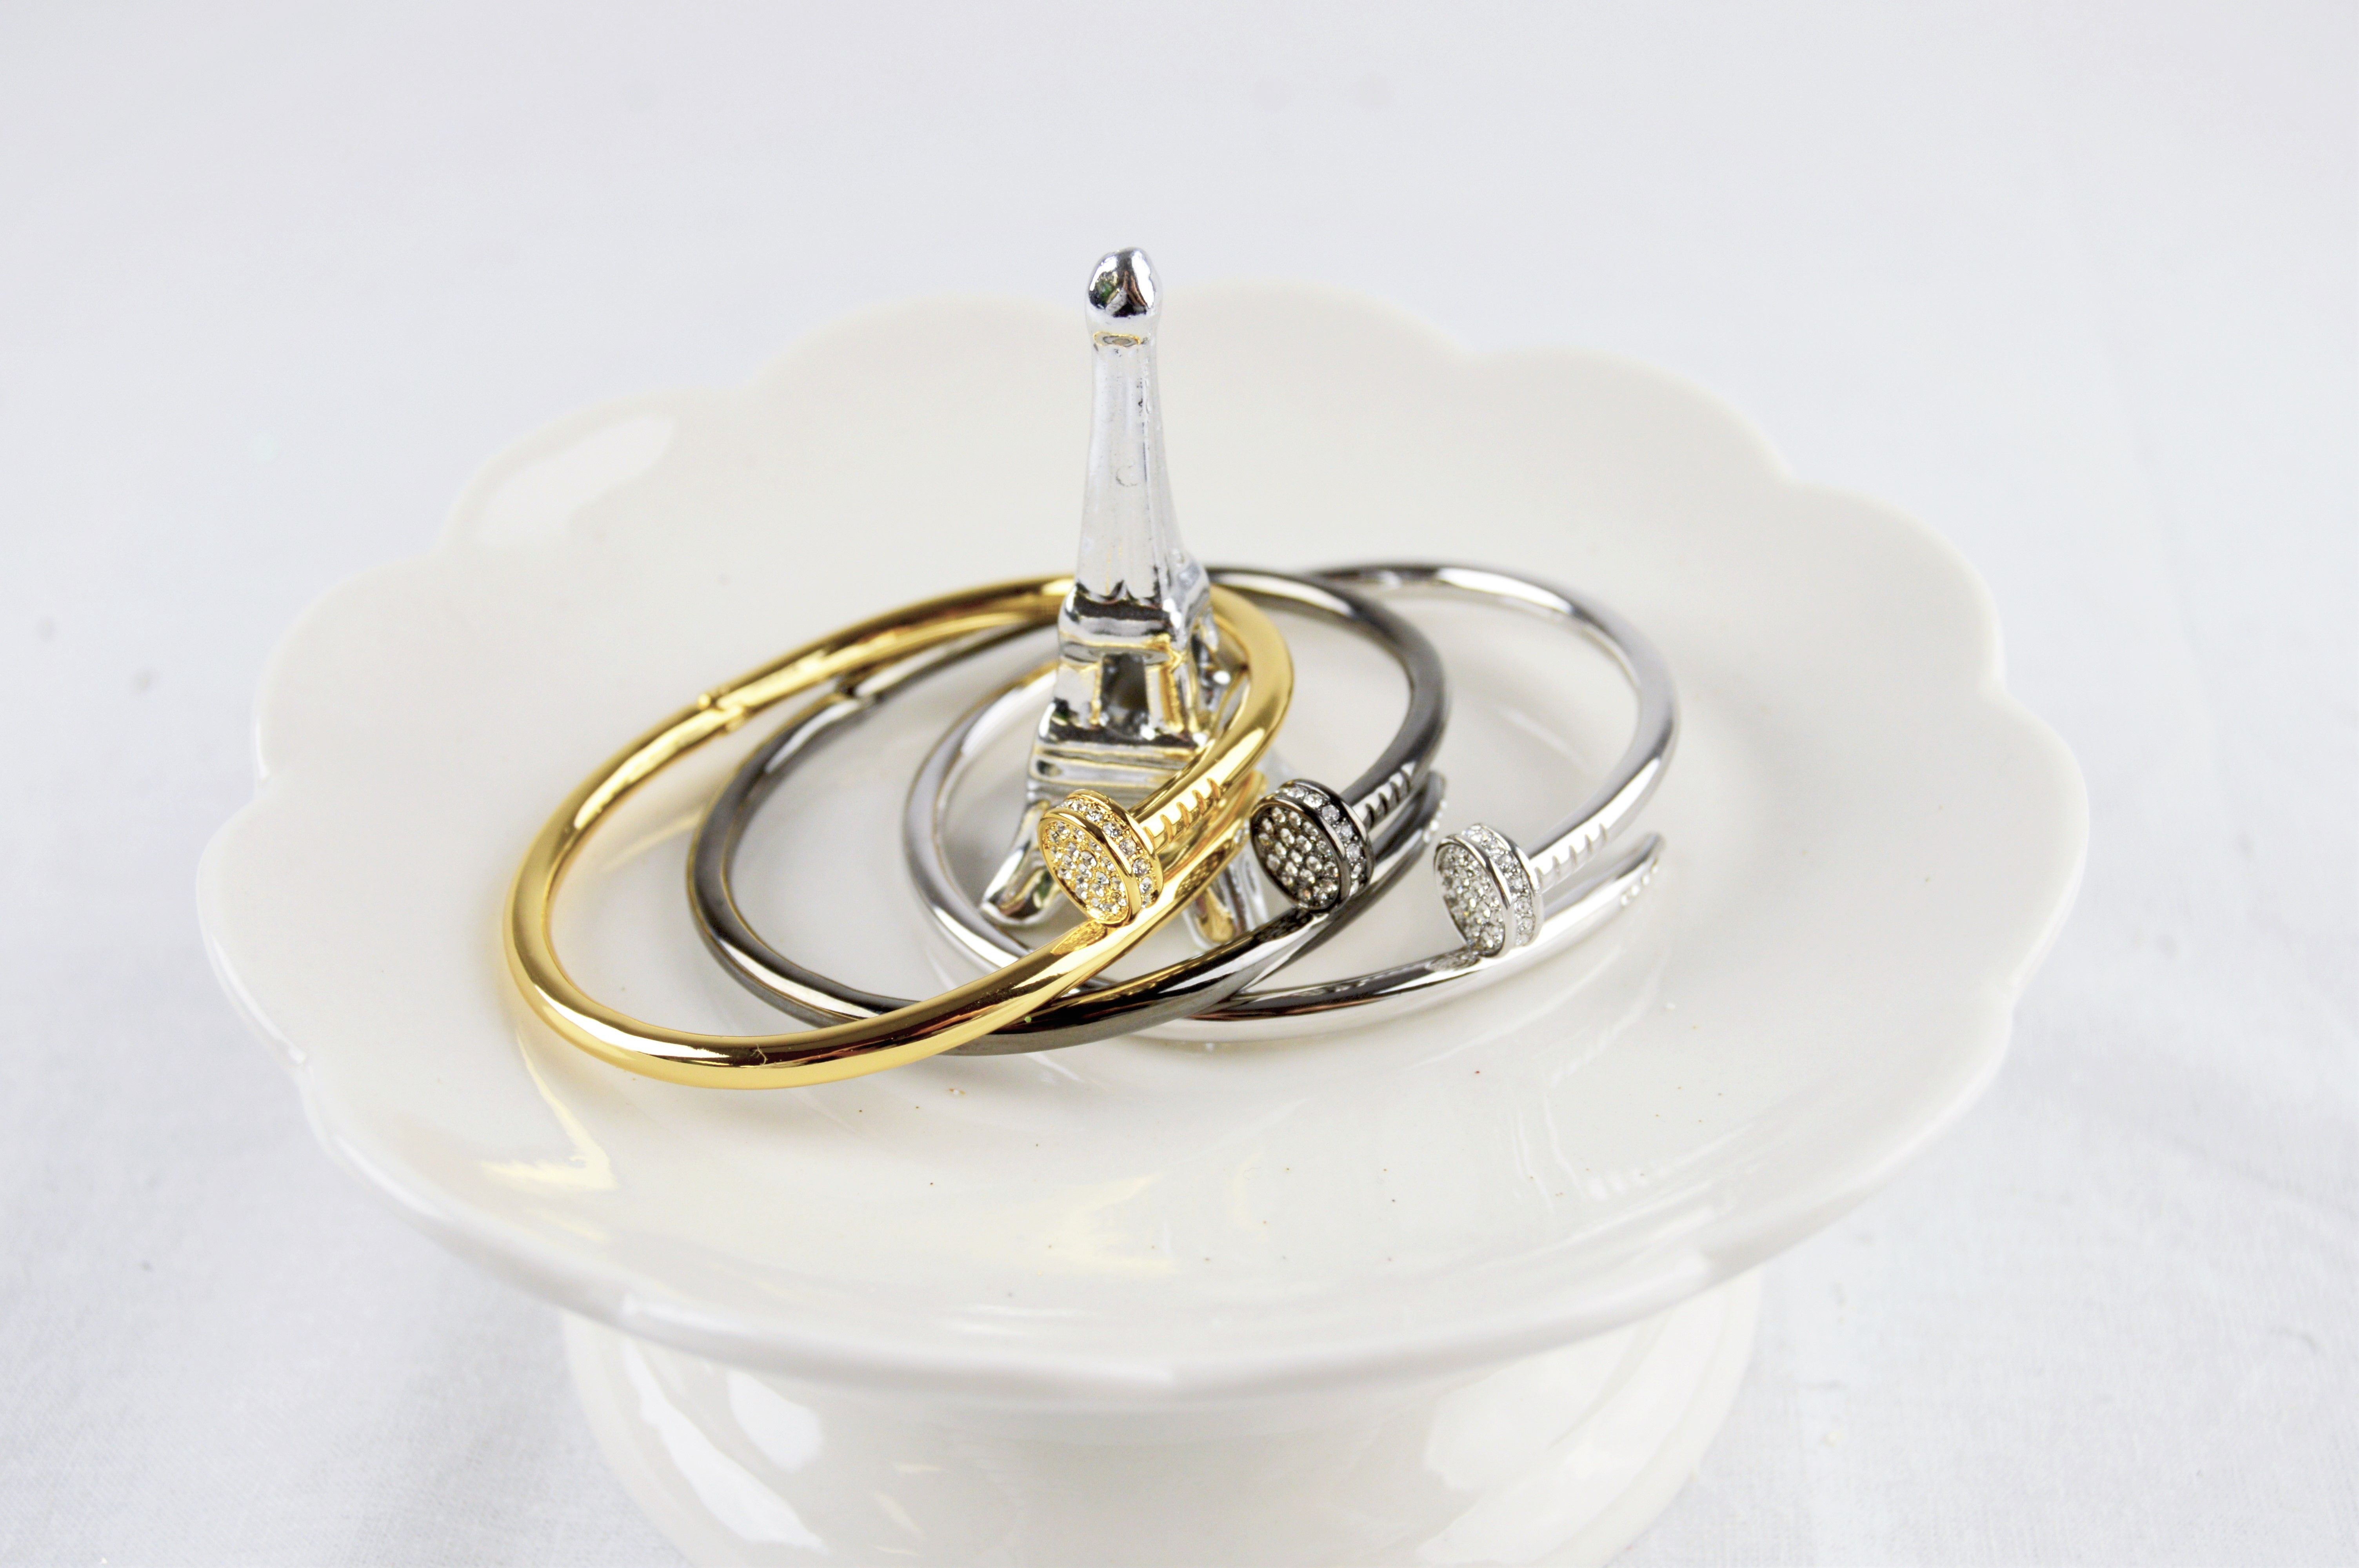 www.parklanejewelry.com/shop #myparklanestyle #parklanejewelry